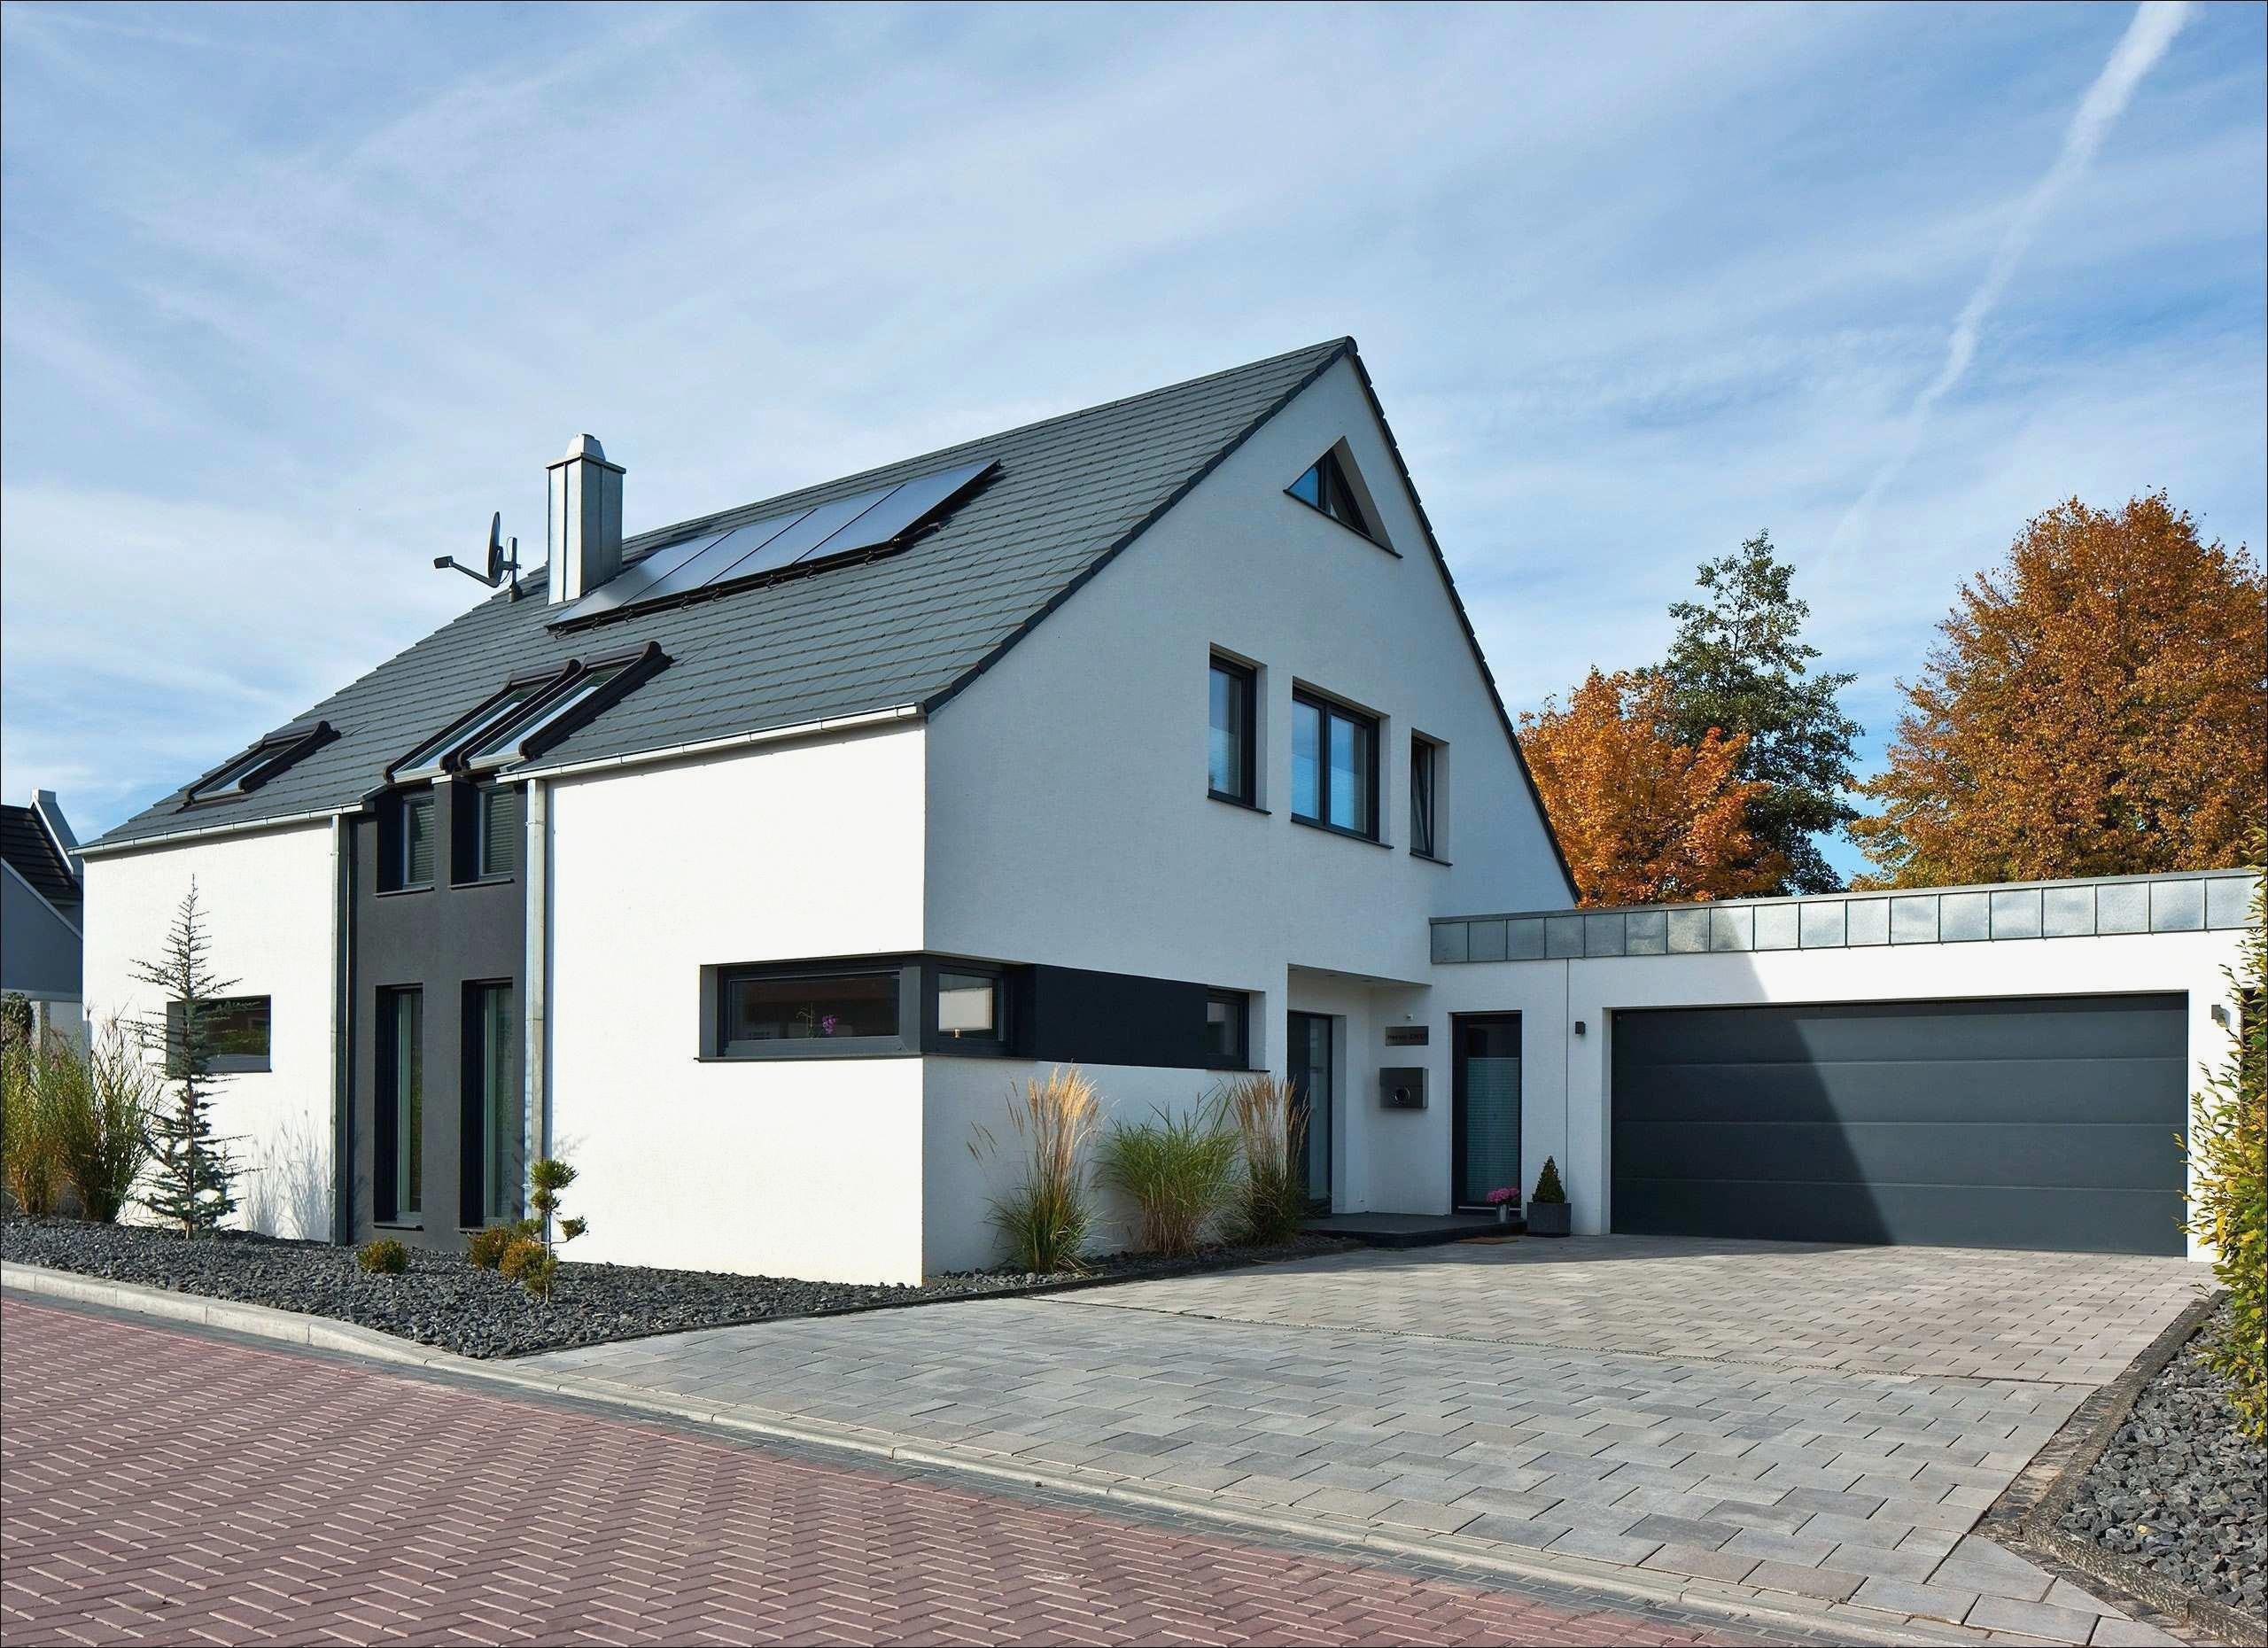 Ausmalbilder Minecraft Neu Minecraft German House New Luxus Minecraft Haus Bauen Fotografieren